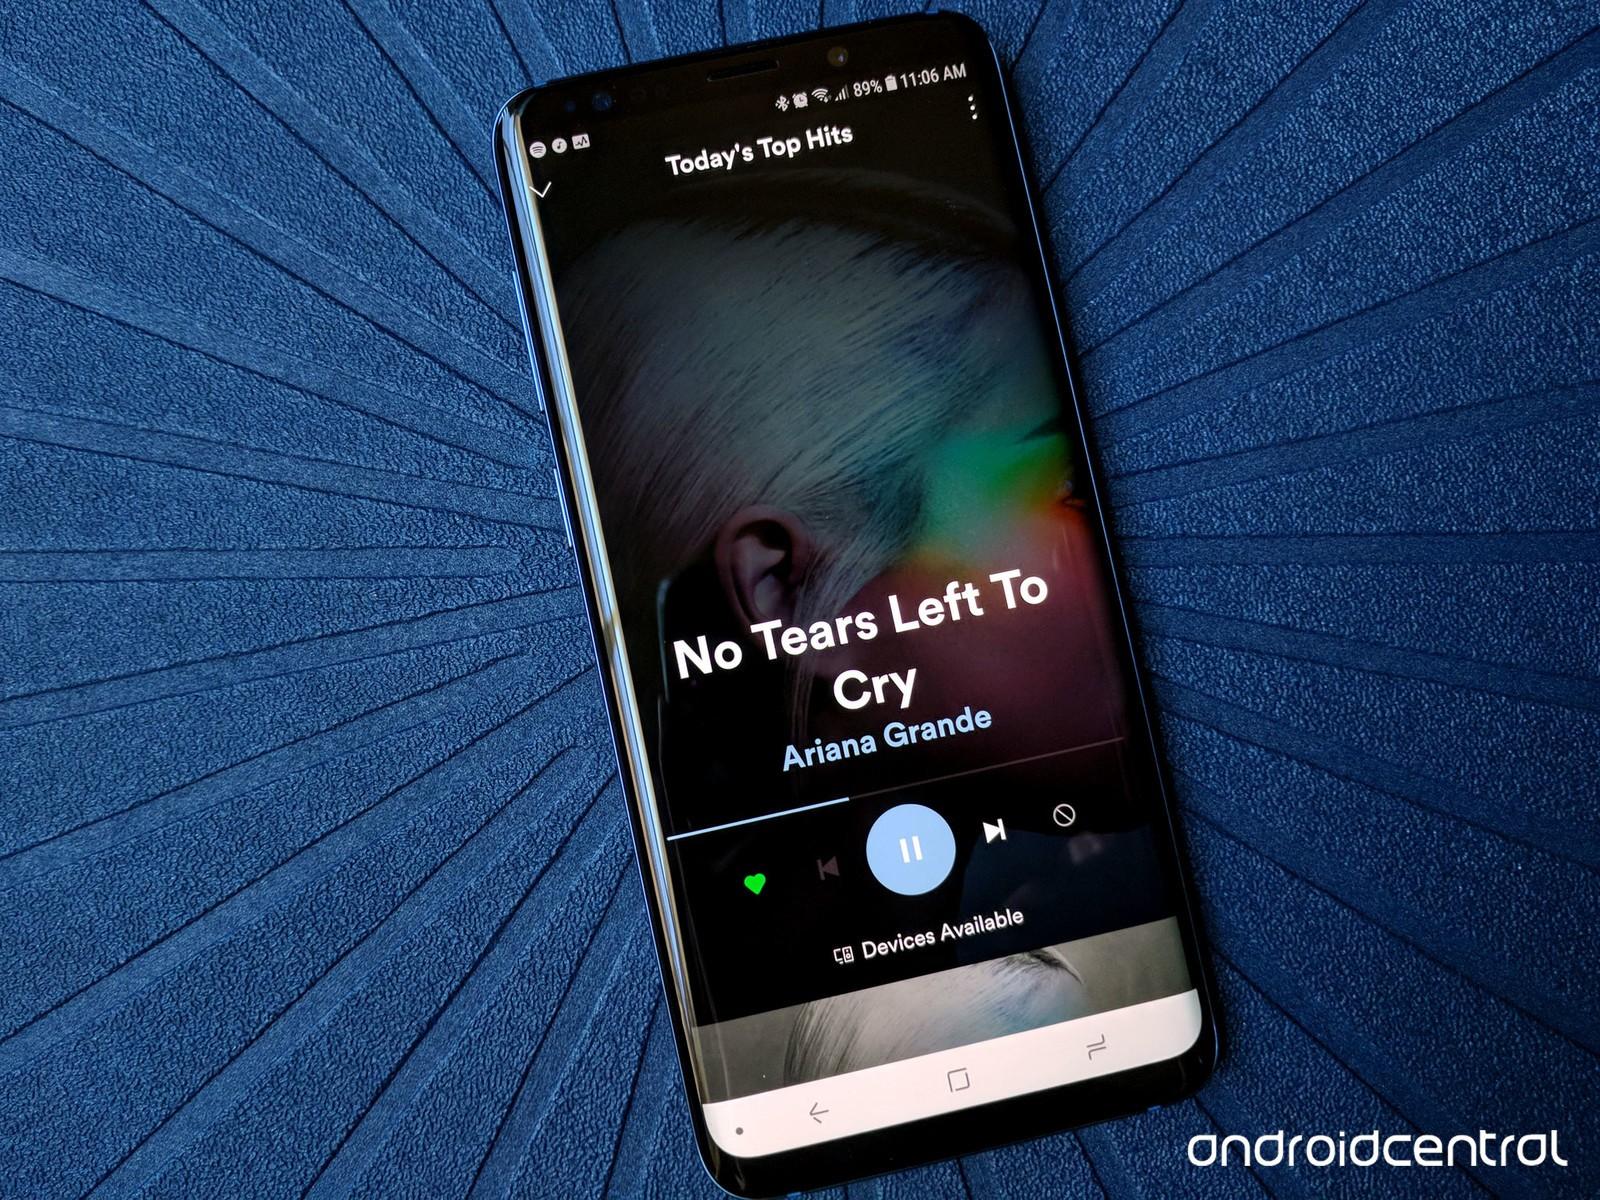 Actualización de la aplicación gratuita de Spotify: todo lo que necesitas saber. Spotify de aplicación ha necesitado de revisión por un tiempo, y vino a sus usuarios no pagan primero.